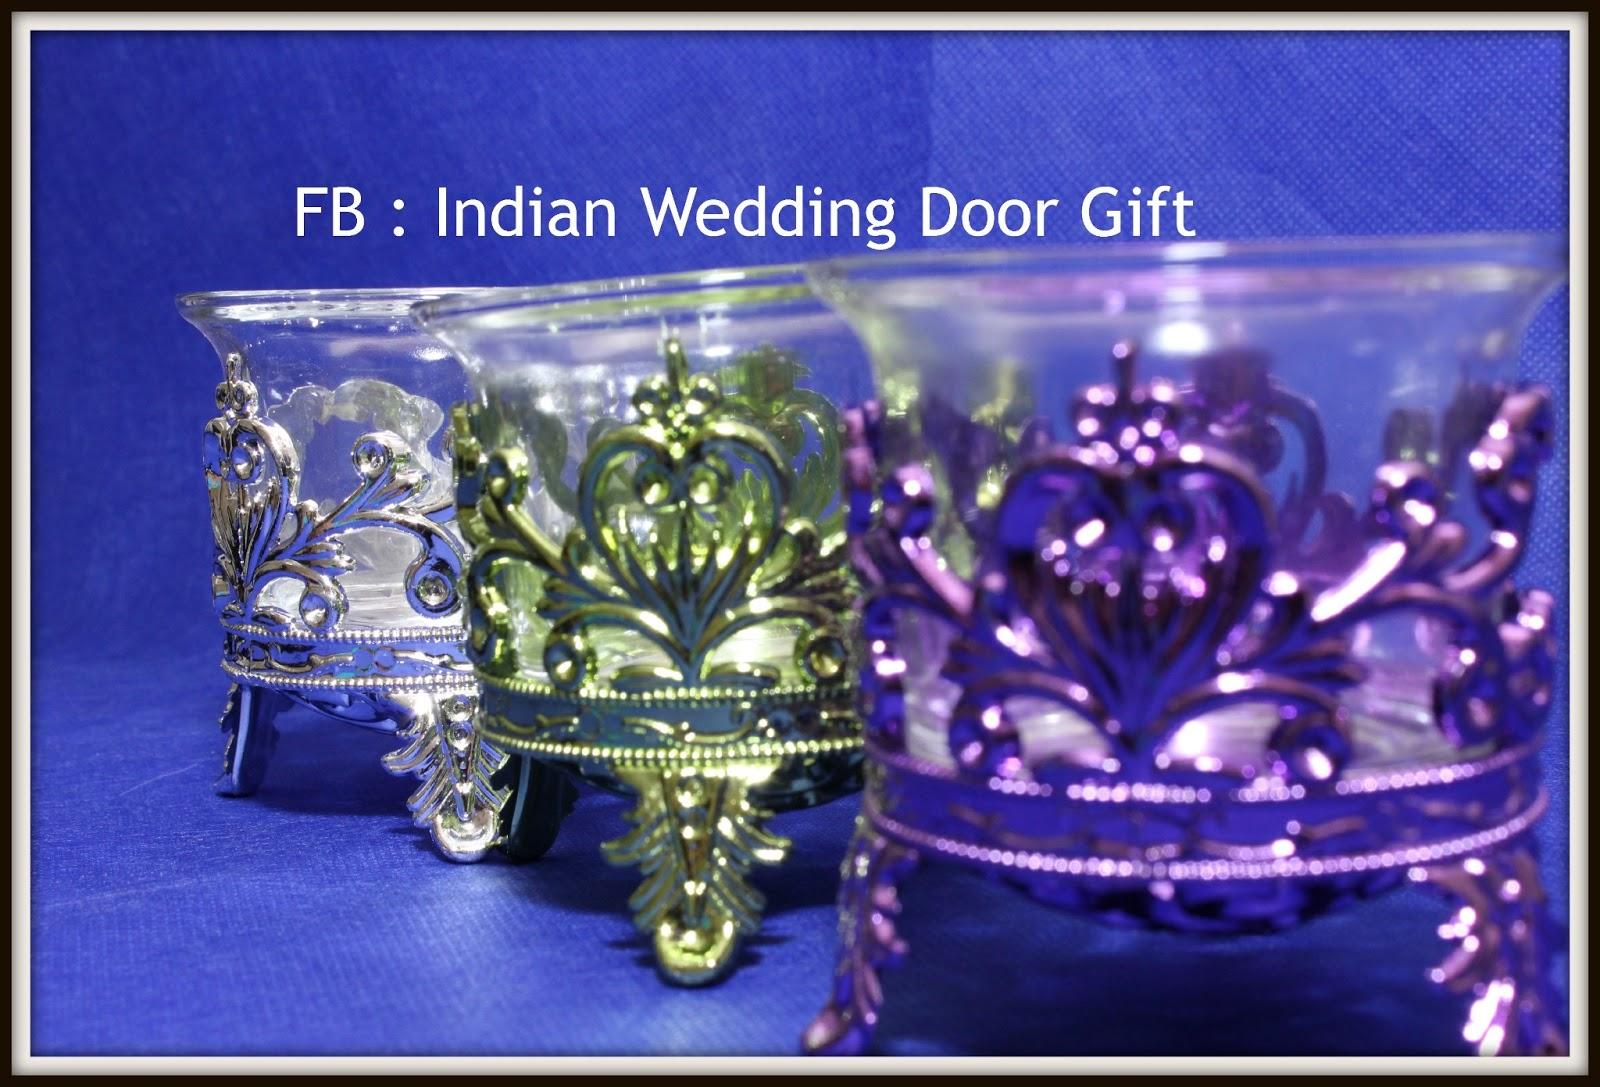 Unique Door Gift For Indian Wedding Many Hd Wallpaper